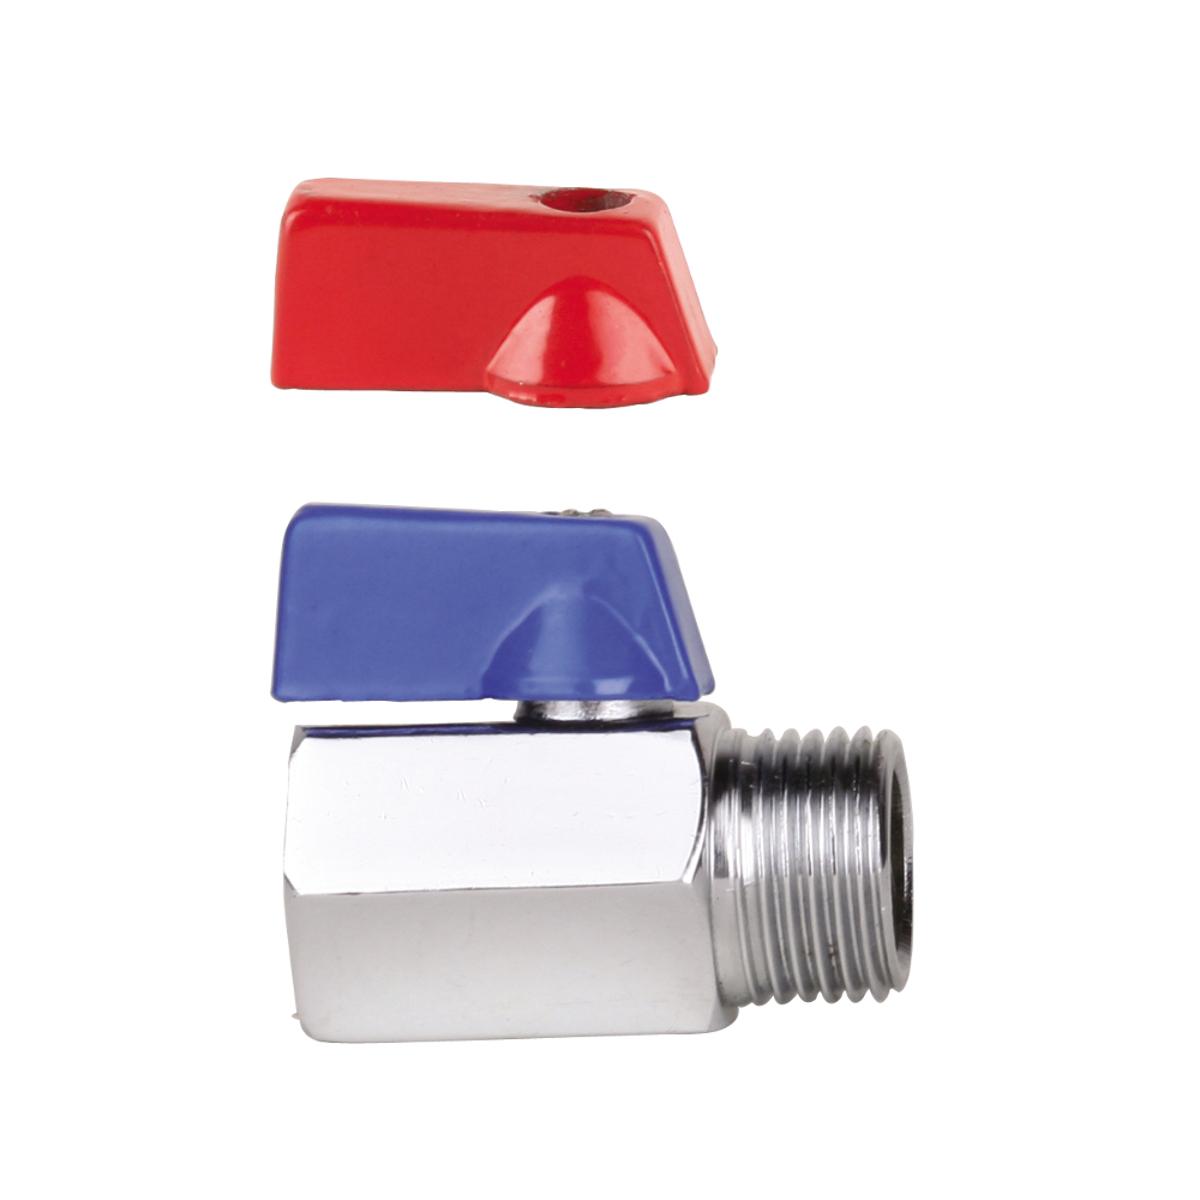 Кран-мини 1/2, резьба внутренняя / наружная, ручка флажок AQUALINKИС.080341Кран-мини 1/2, резьба внутренняя / наружная, ручка флажок предназначен для систем питьевого холодного и горячего водоснабжения, отопления, систем сжатого воздуха, жидких углеводородов, а также для технологических трубопроводов, транспортирующих жидкости, не агрессивные к материалам крана. Рекомендуется поворачивать ручку крана не меньше одного раза в 3 месяца для предотвращения образования солей кальция. Использование шаровых кранов в качестве регулирующей арматуры не допускается. Минимальные размеры позволяют инсталлировать краны в условиях ограниченного пространства. Диаметр: 1/2 (15 мм).